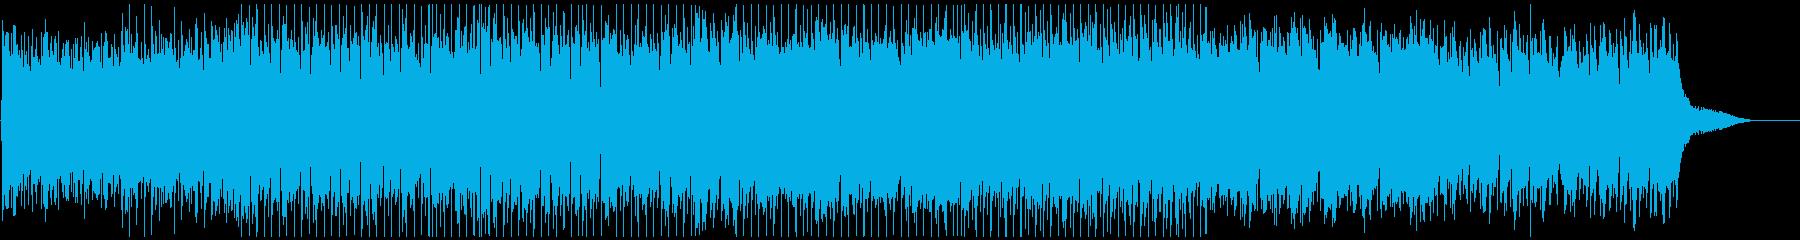 ハッピーでポジティブな曲/ピアノとアコギの再生済みの波形